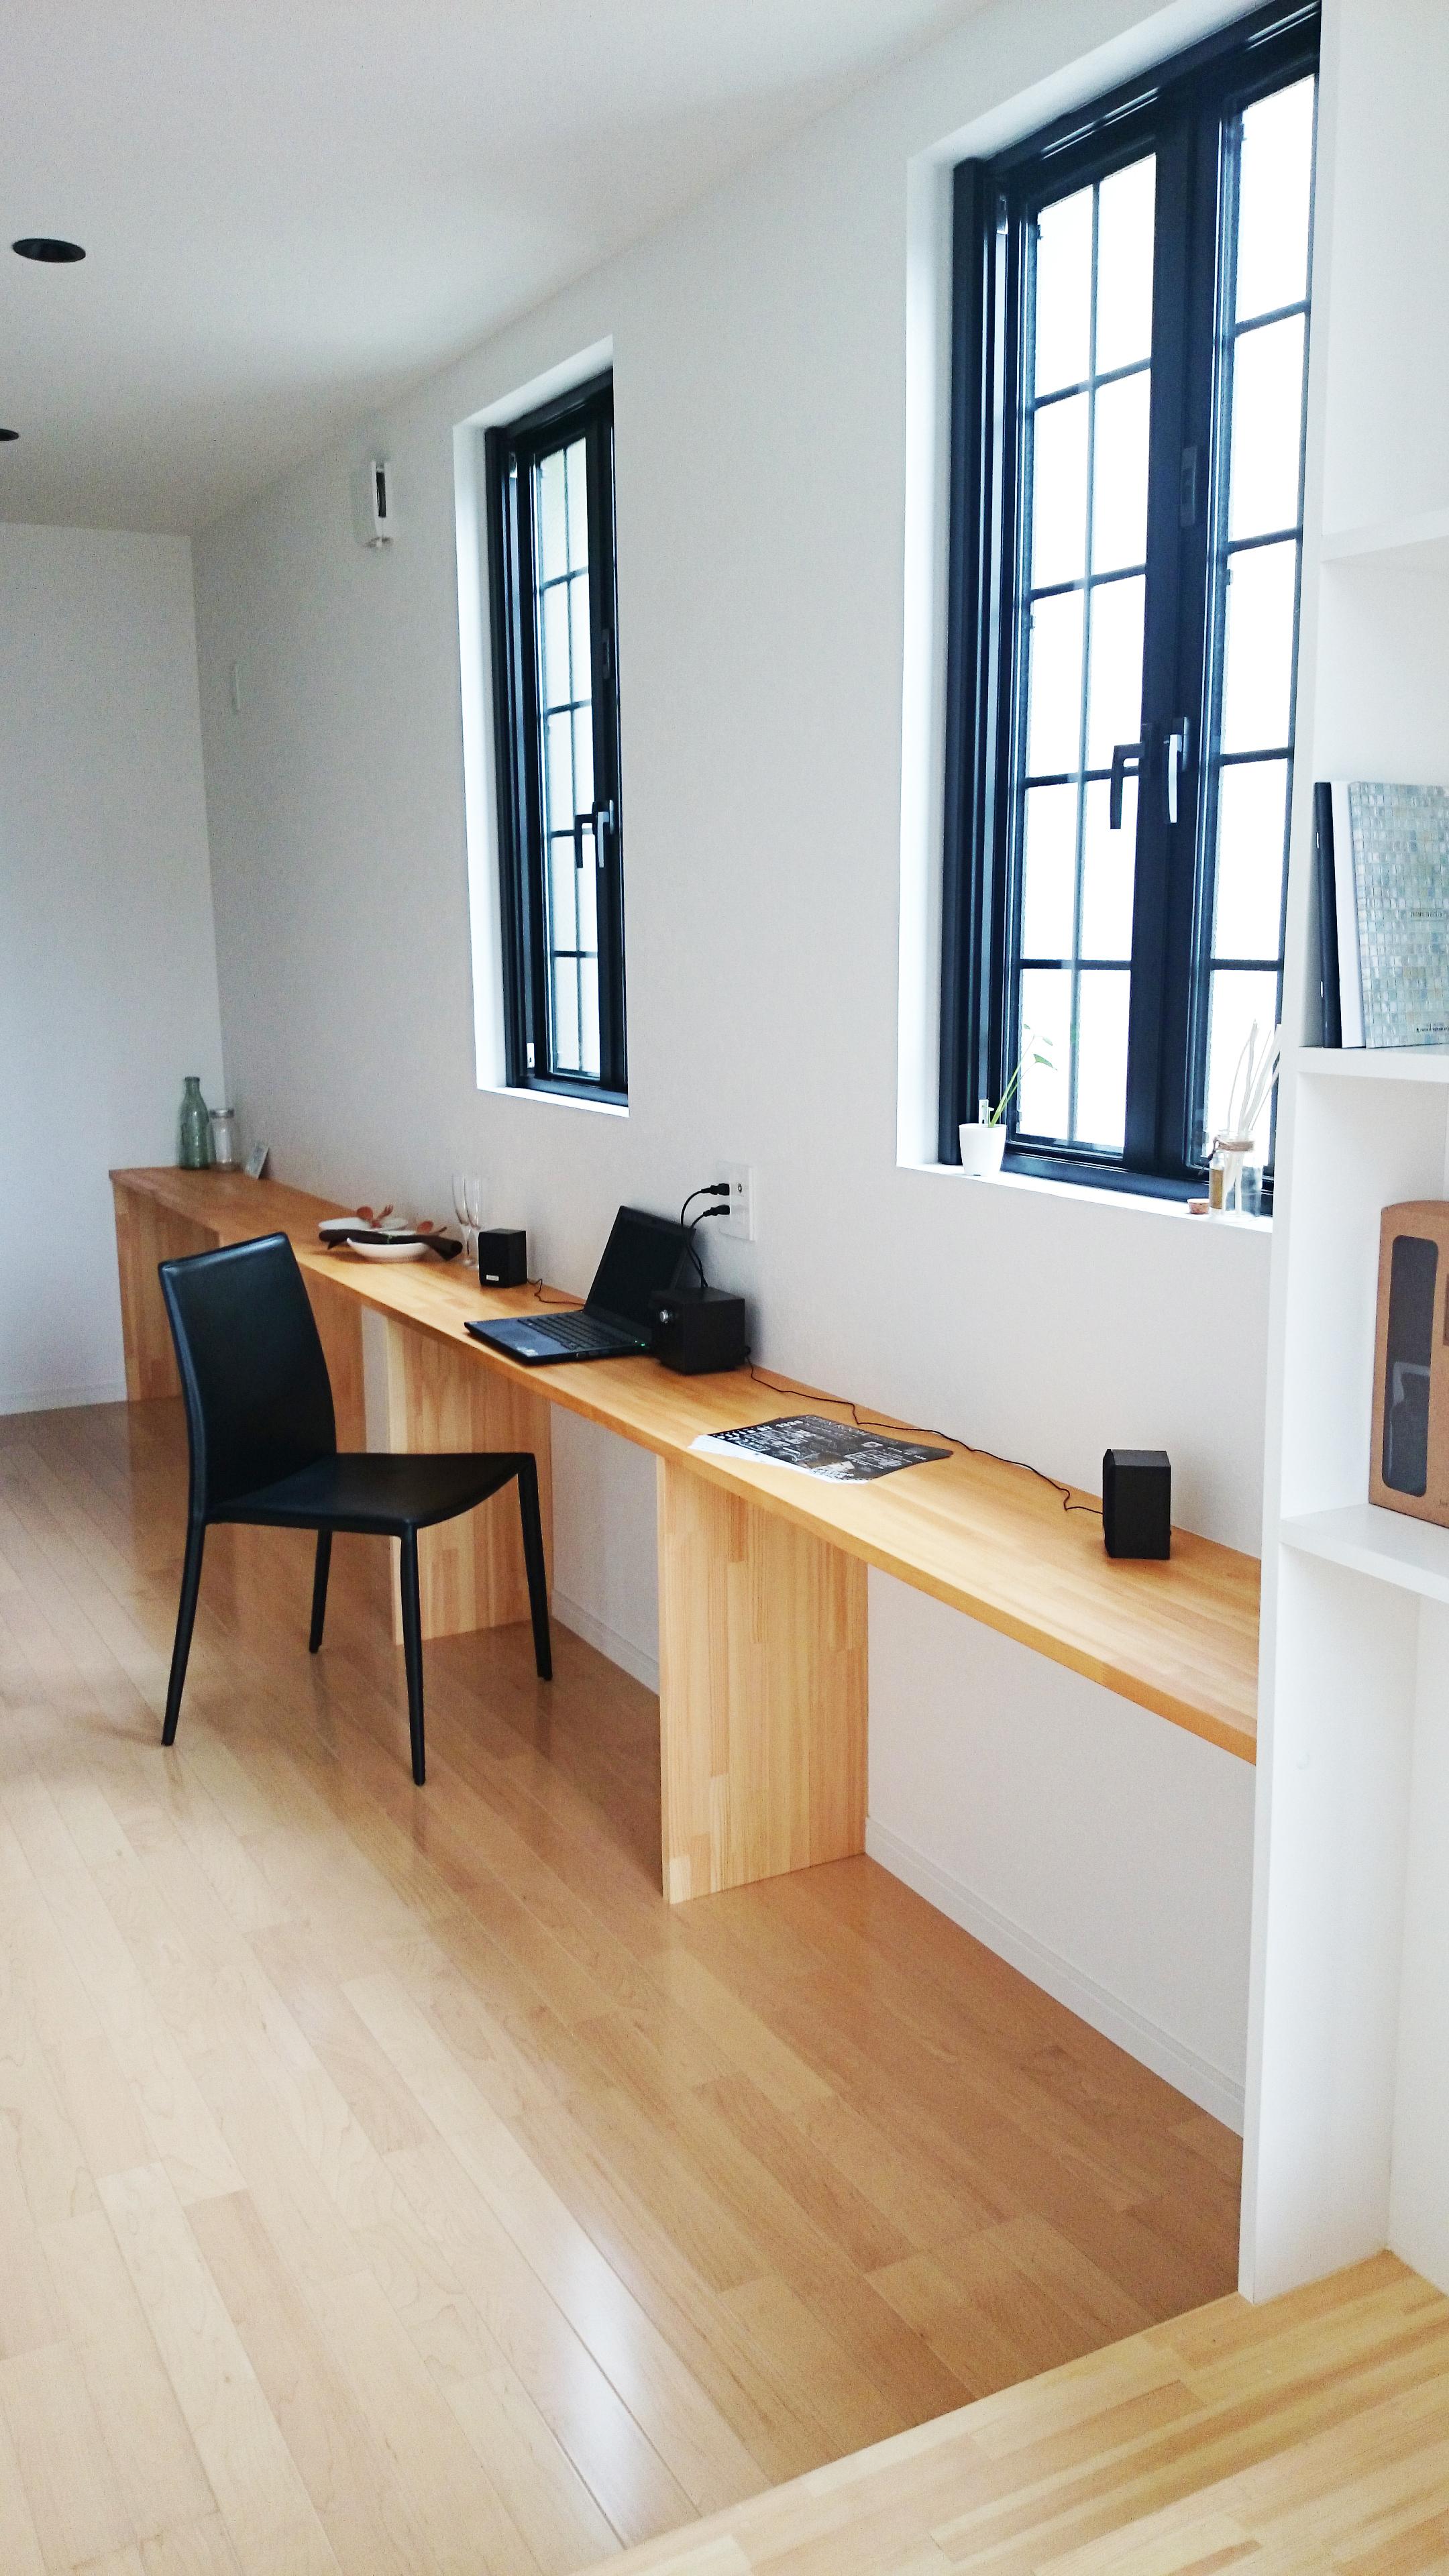 デザイナーズ賃貸ワンルーム「villa TH1338」の室内の様子です